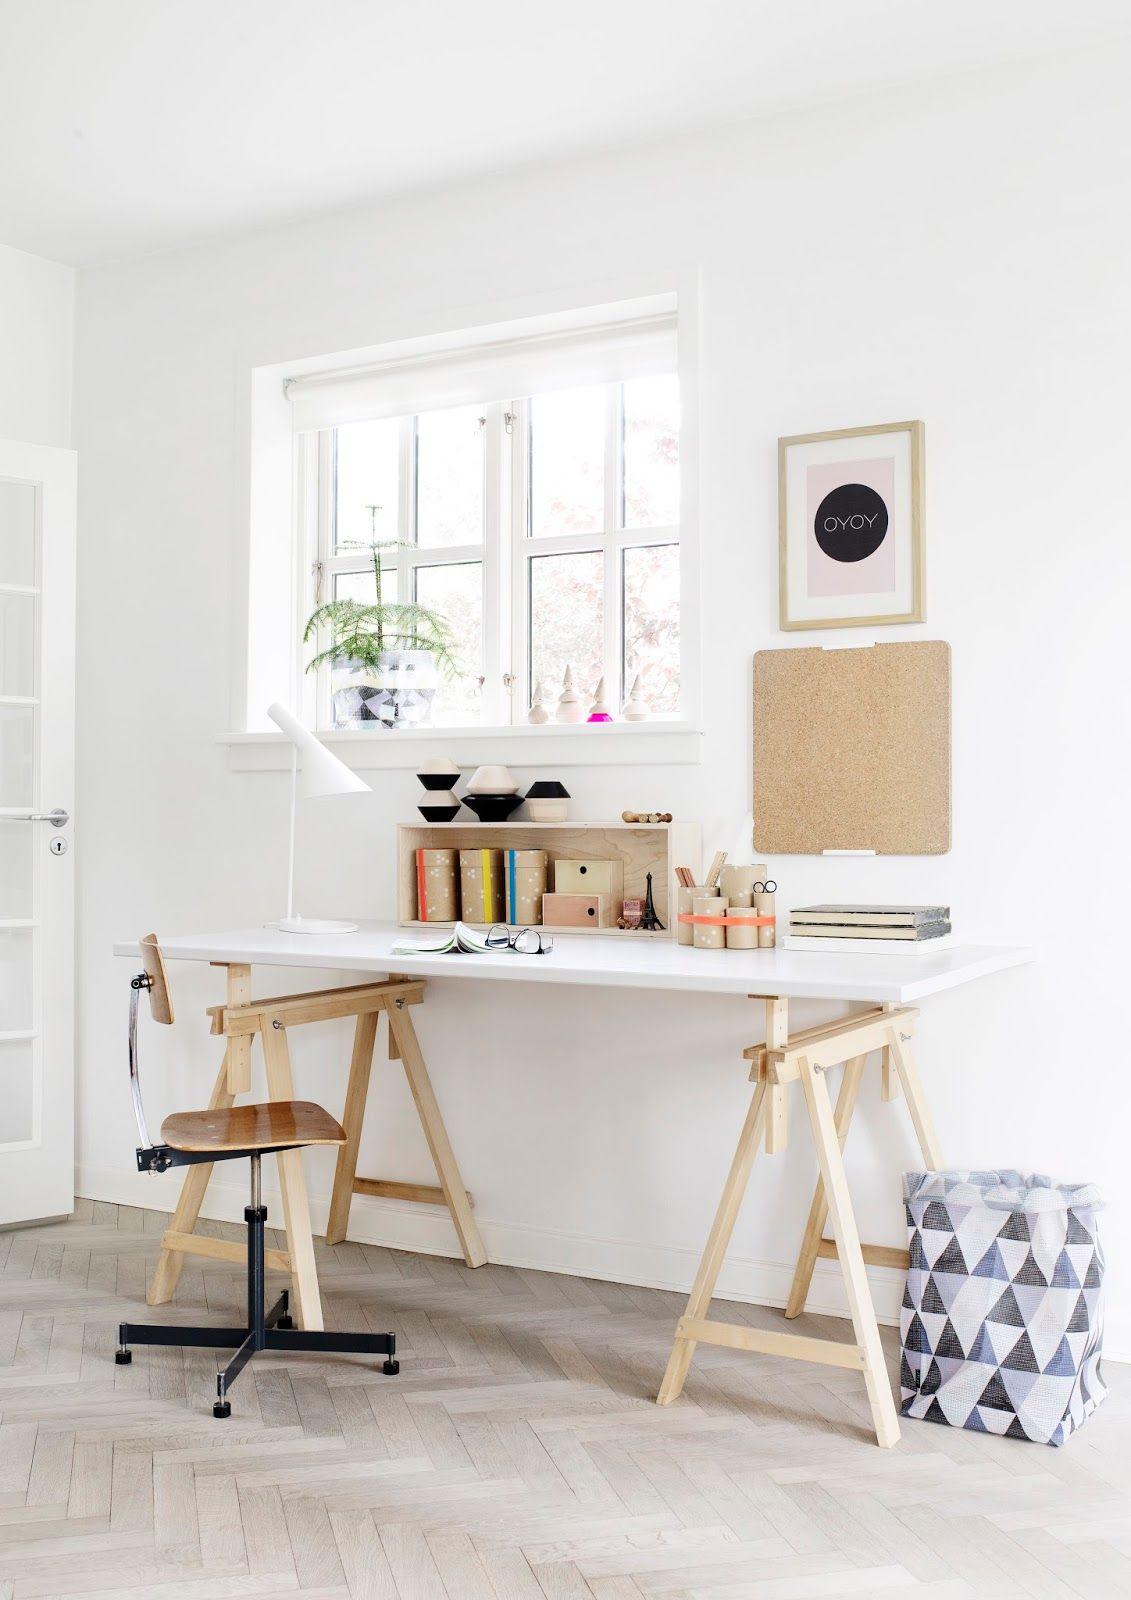 inspiração que saiu das telas de pintura para sua casa <3  quer saber como inserir os cavaletes de madeira na decoração? aprenda agora: https://www.hometeka.com.br/inspire-se/guia-de-decoracao-com-cavaletes-de-madeira?utm_content=buffer9845b&utm_medium=social&utm_source=pinterest.com&utm_campaign=buffer